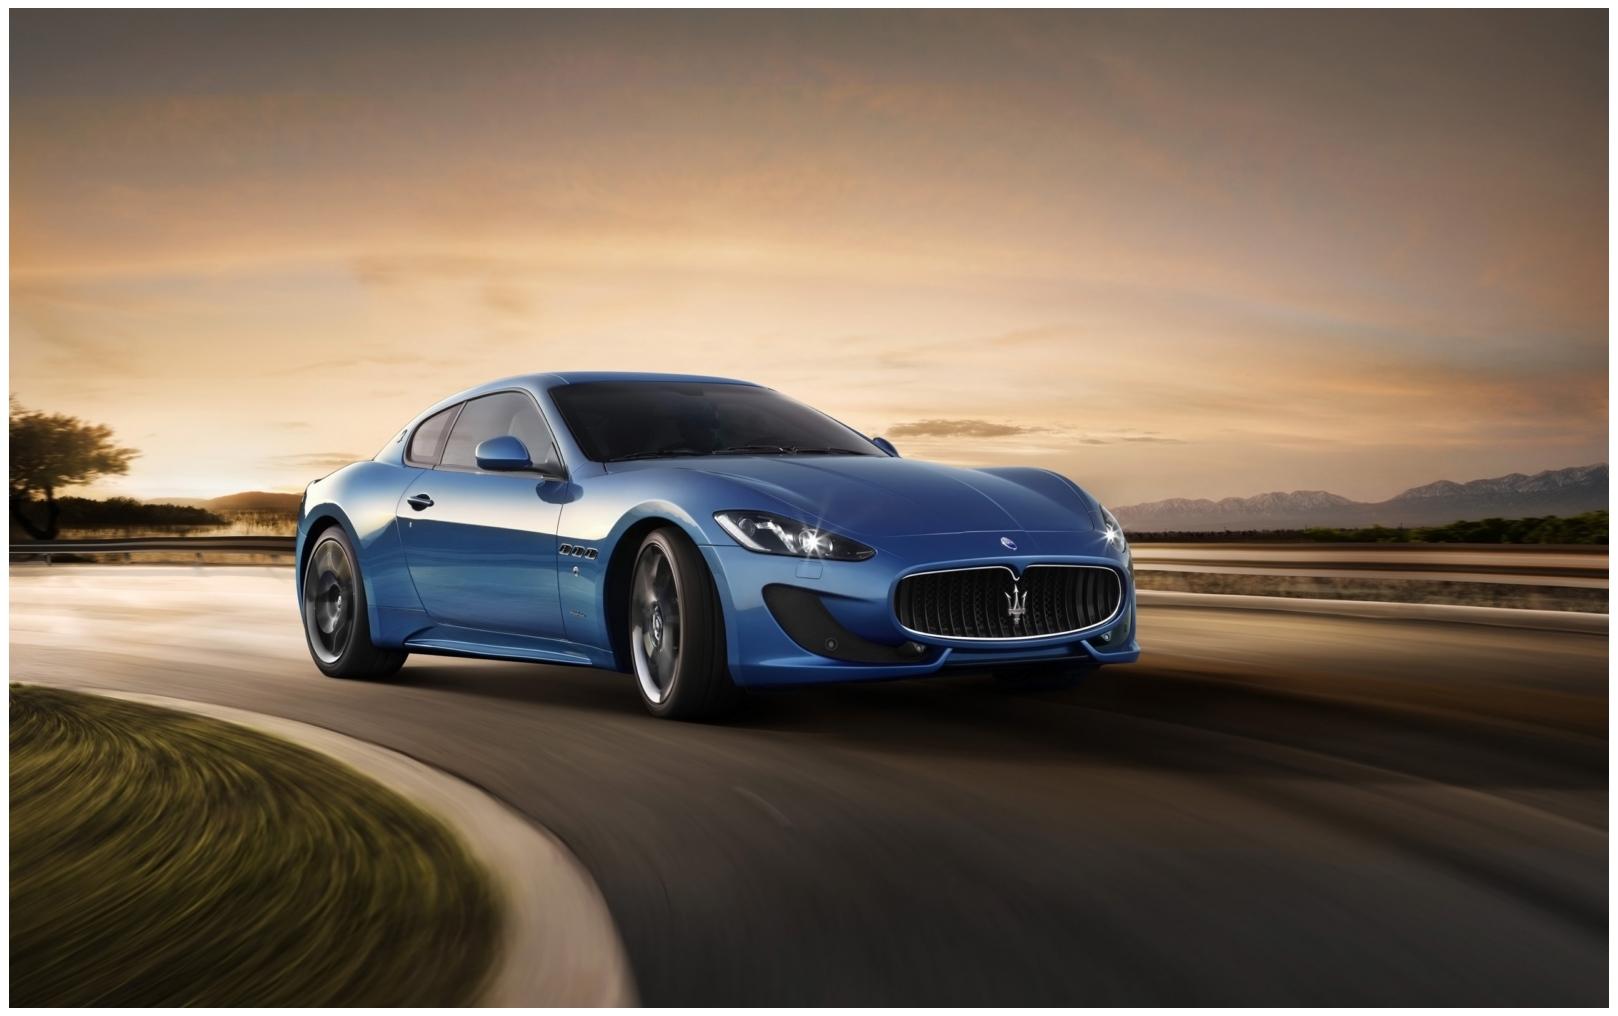 Maserati Granturismo Hd Wallpaper widescreen